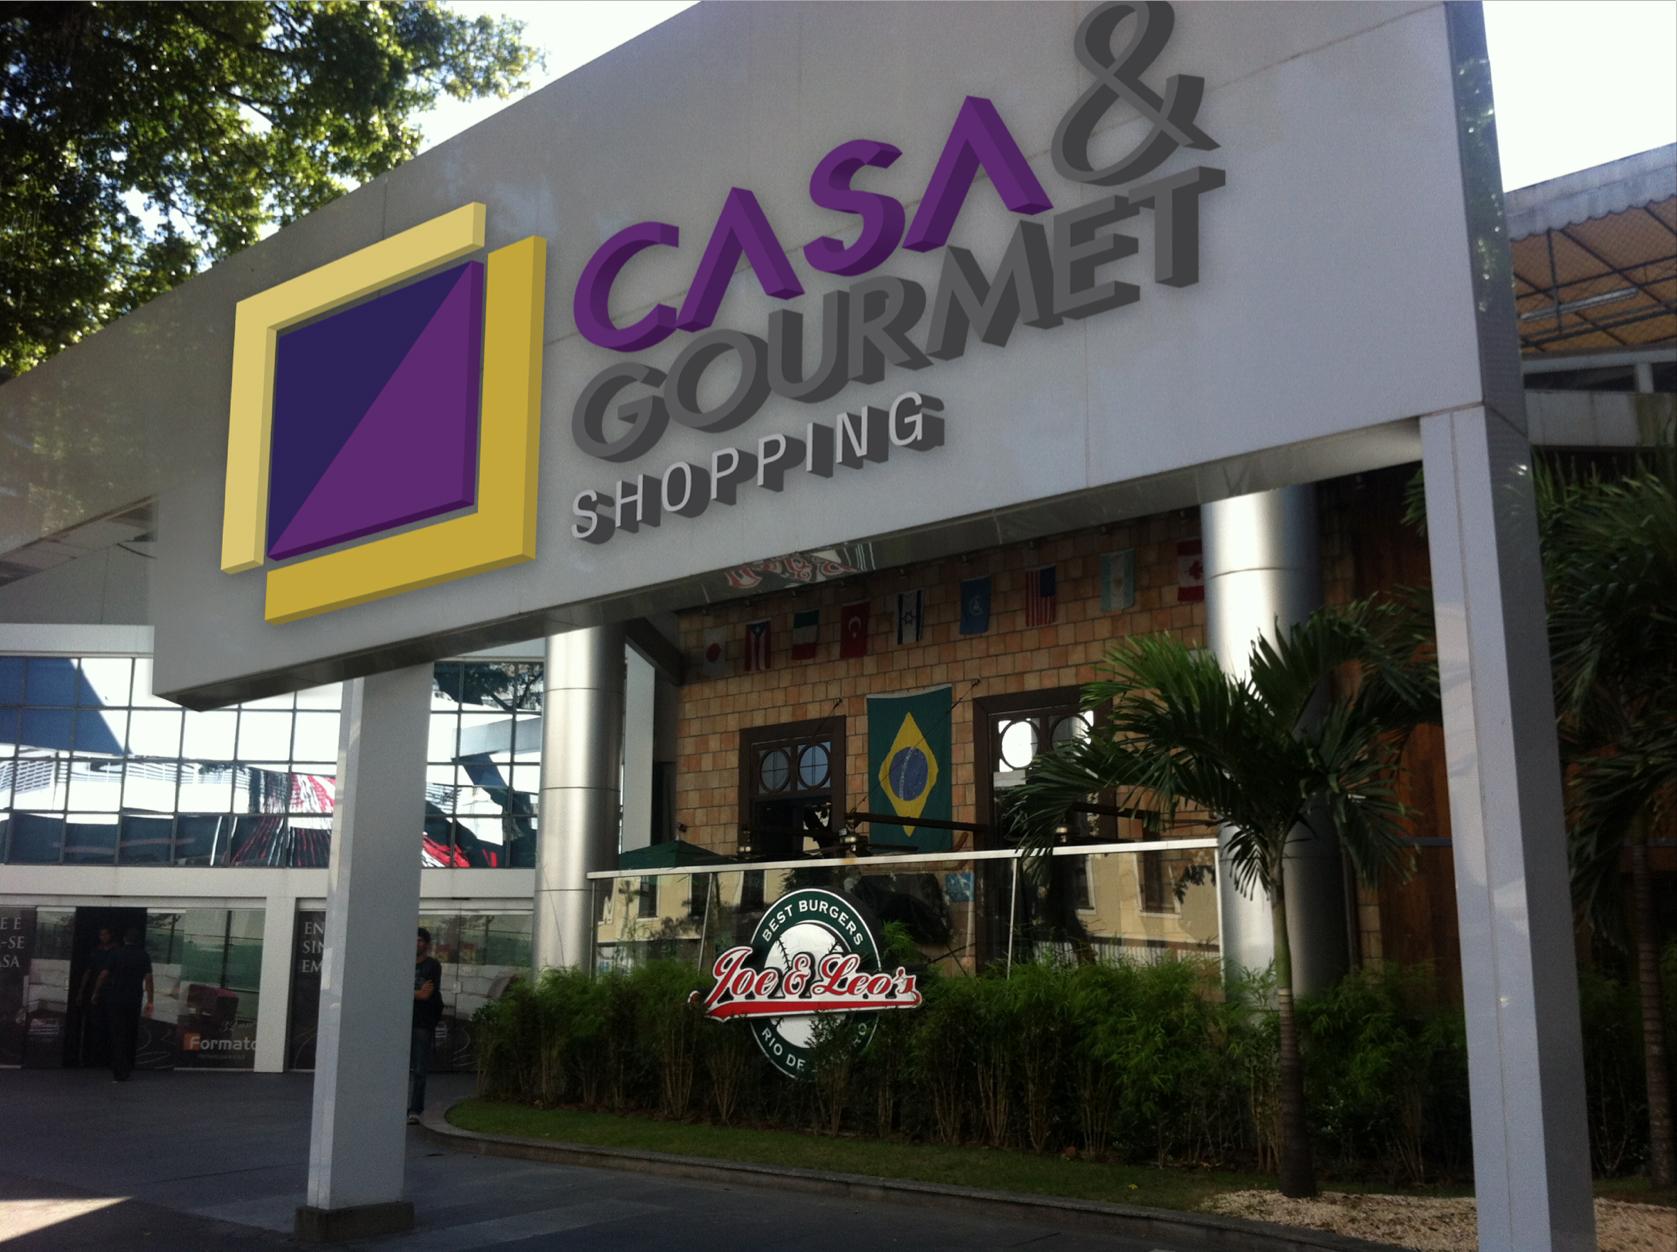 Rio Plaza vira Casa & Gourmet Shopping e traz novidades